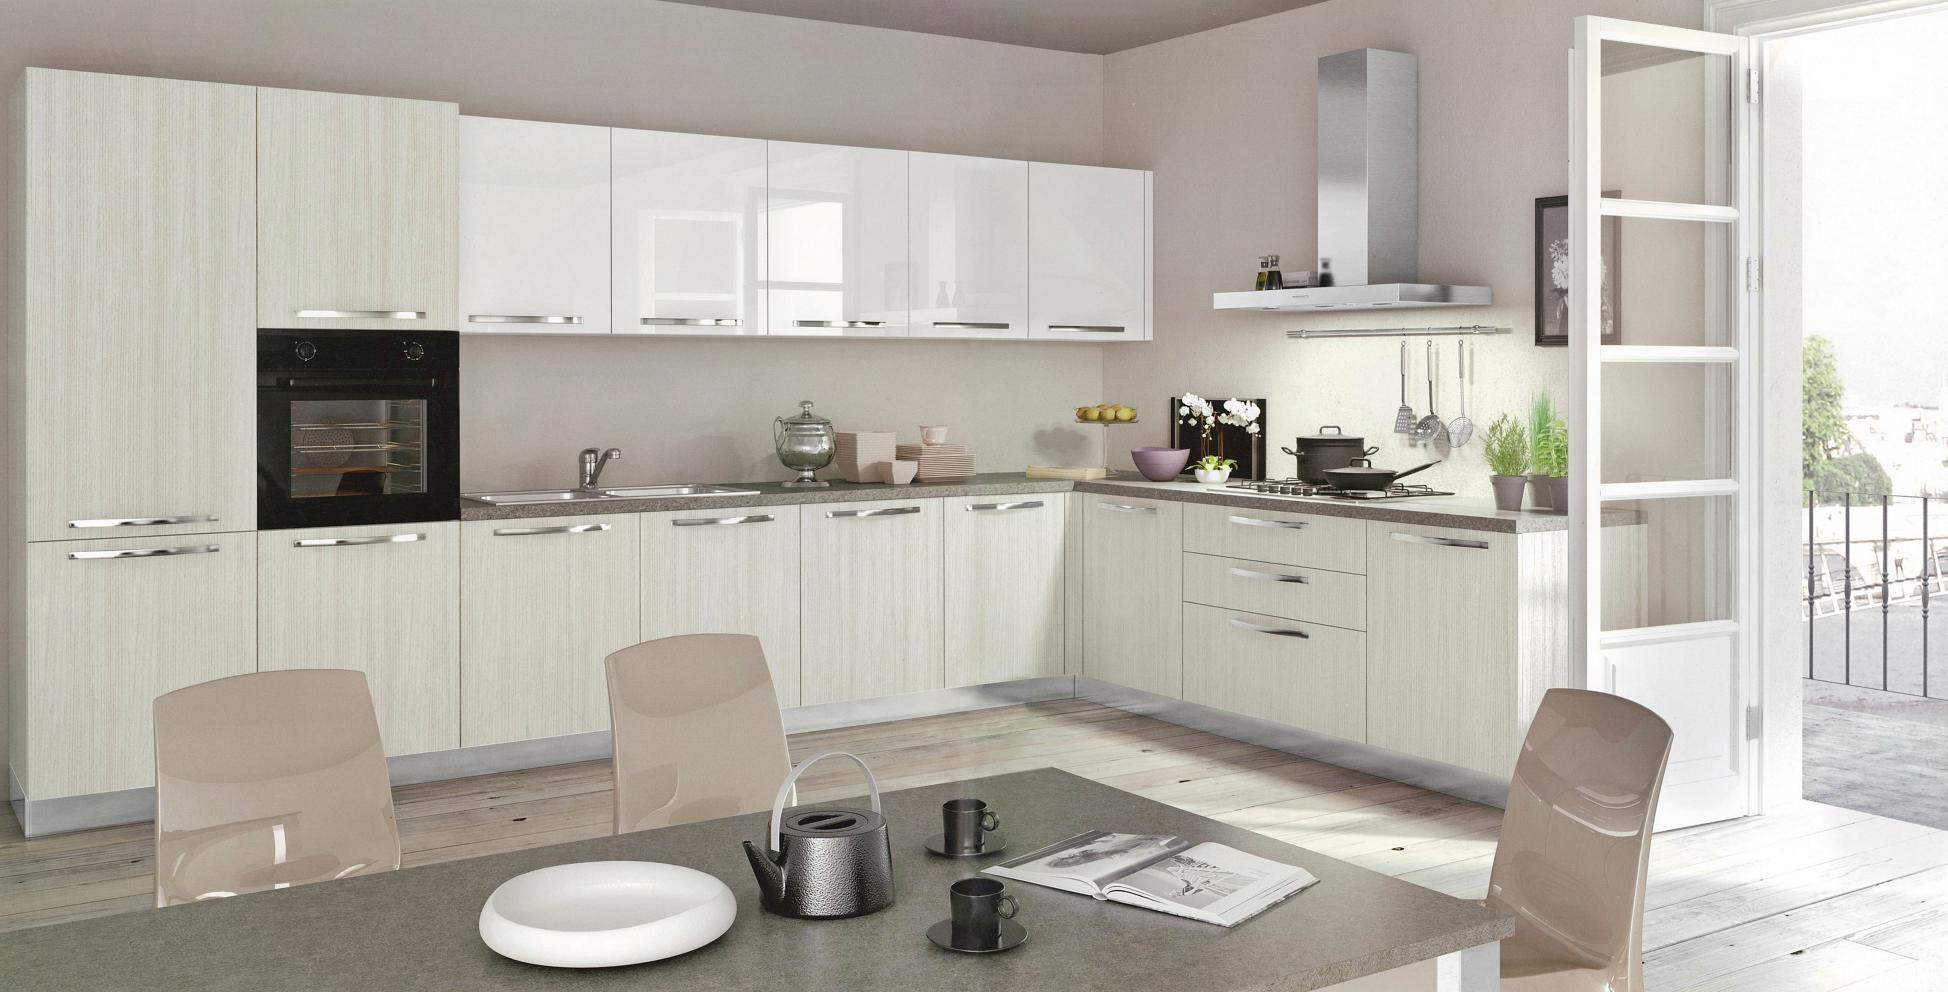 Cucina moderna angolare modello cloe targata arredo3 for Arredo cucina moderna